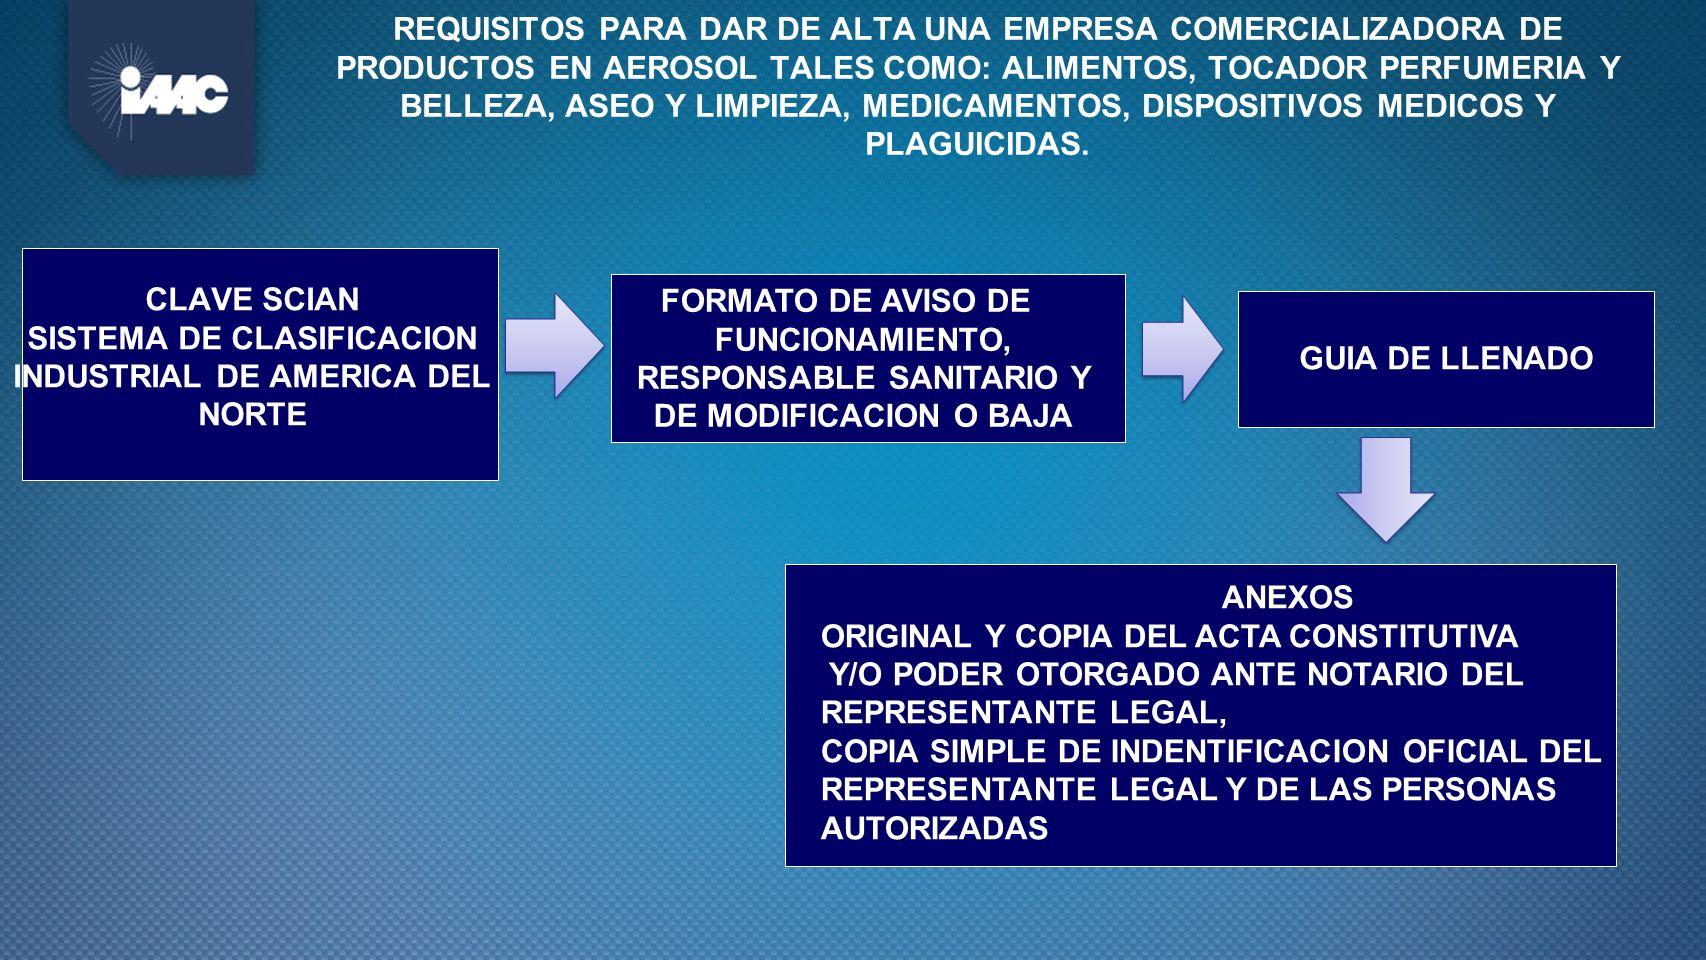 REQUISITOS PARA DAR DE ALTA UNA EMPRESA COMERCIALIZADORA DE PRODUCTOS EN AEROSOL TALES COMO: ALIMENTOS, TOCADOR PERFUMERIA Y BELLEZA, ASEO Y LIMPIEZA,